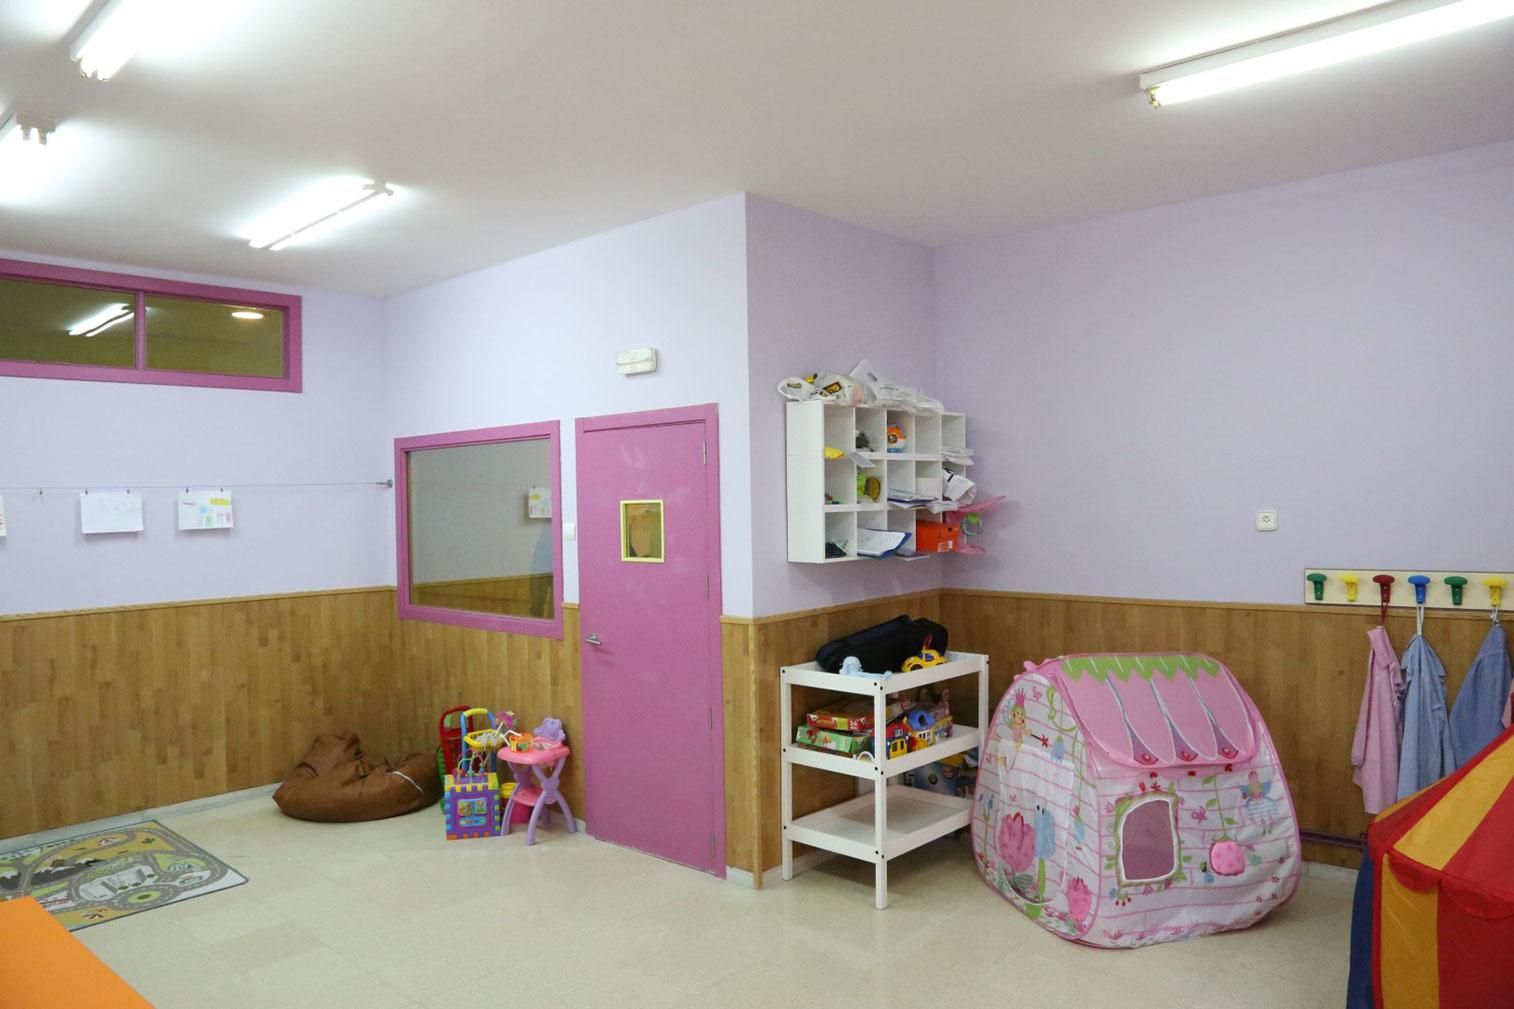 happykidshouse 23757x505 2x - Aula 1-2 años